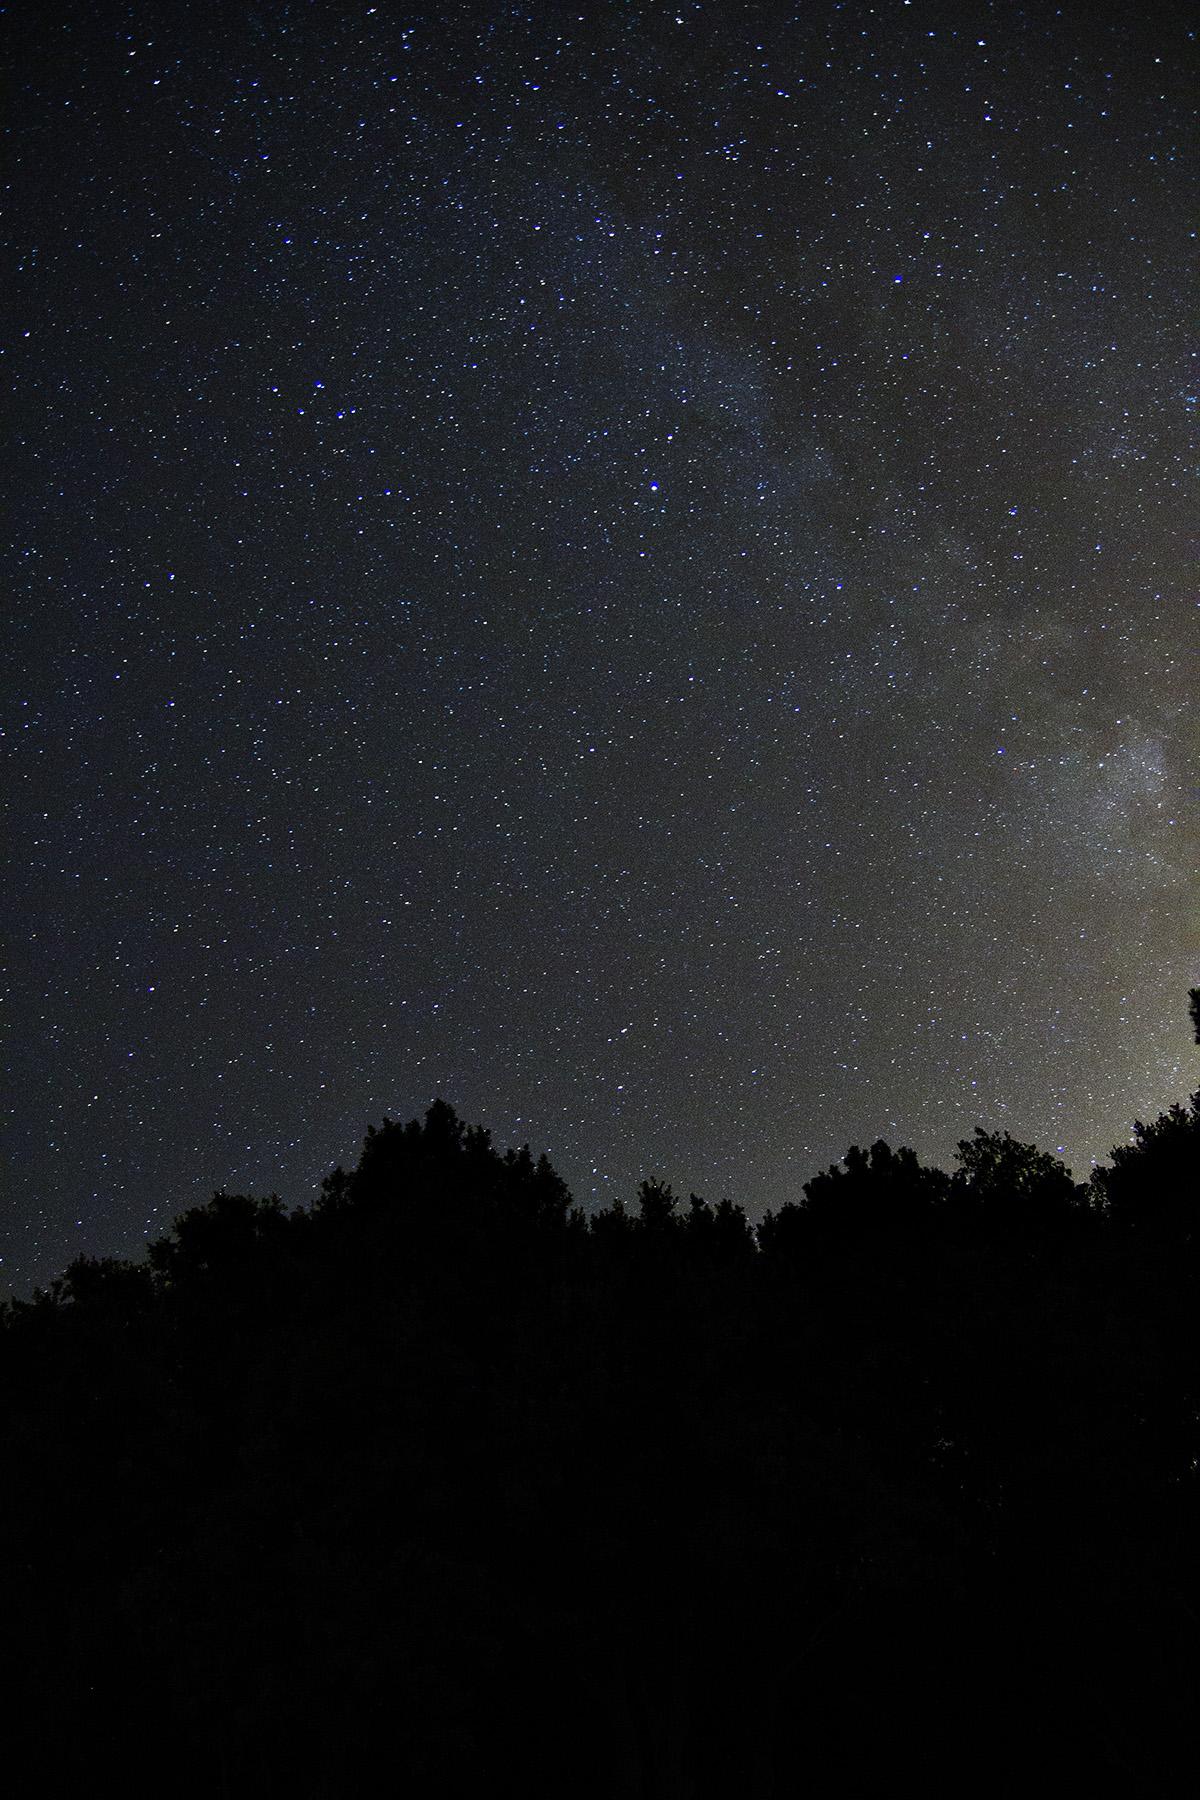 Via làctea 4